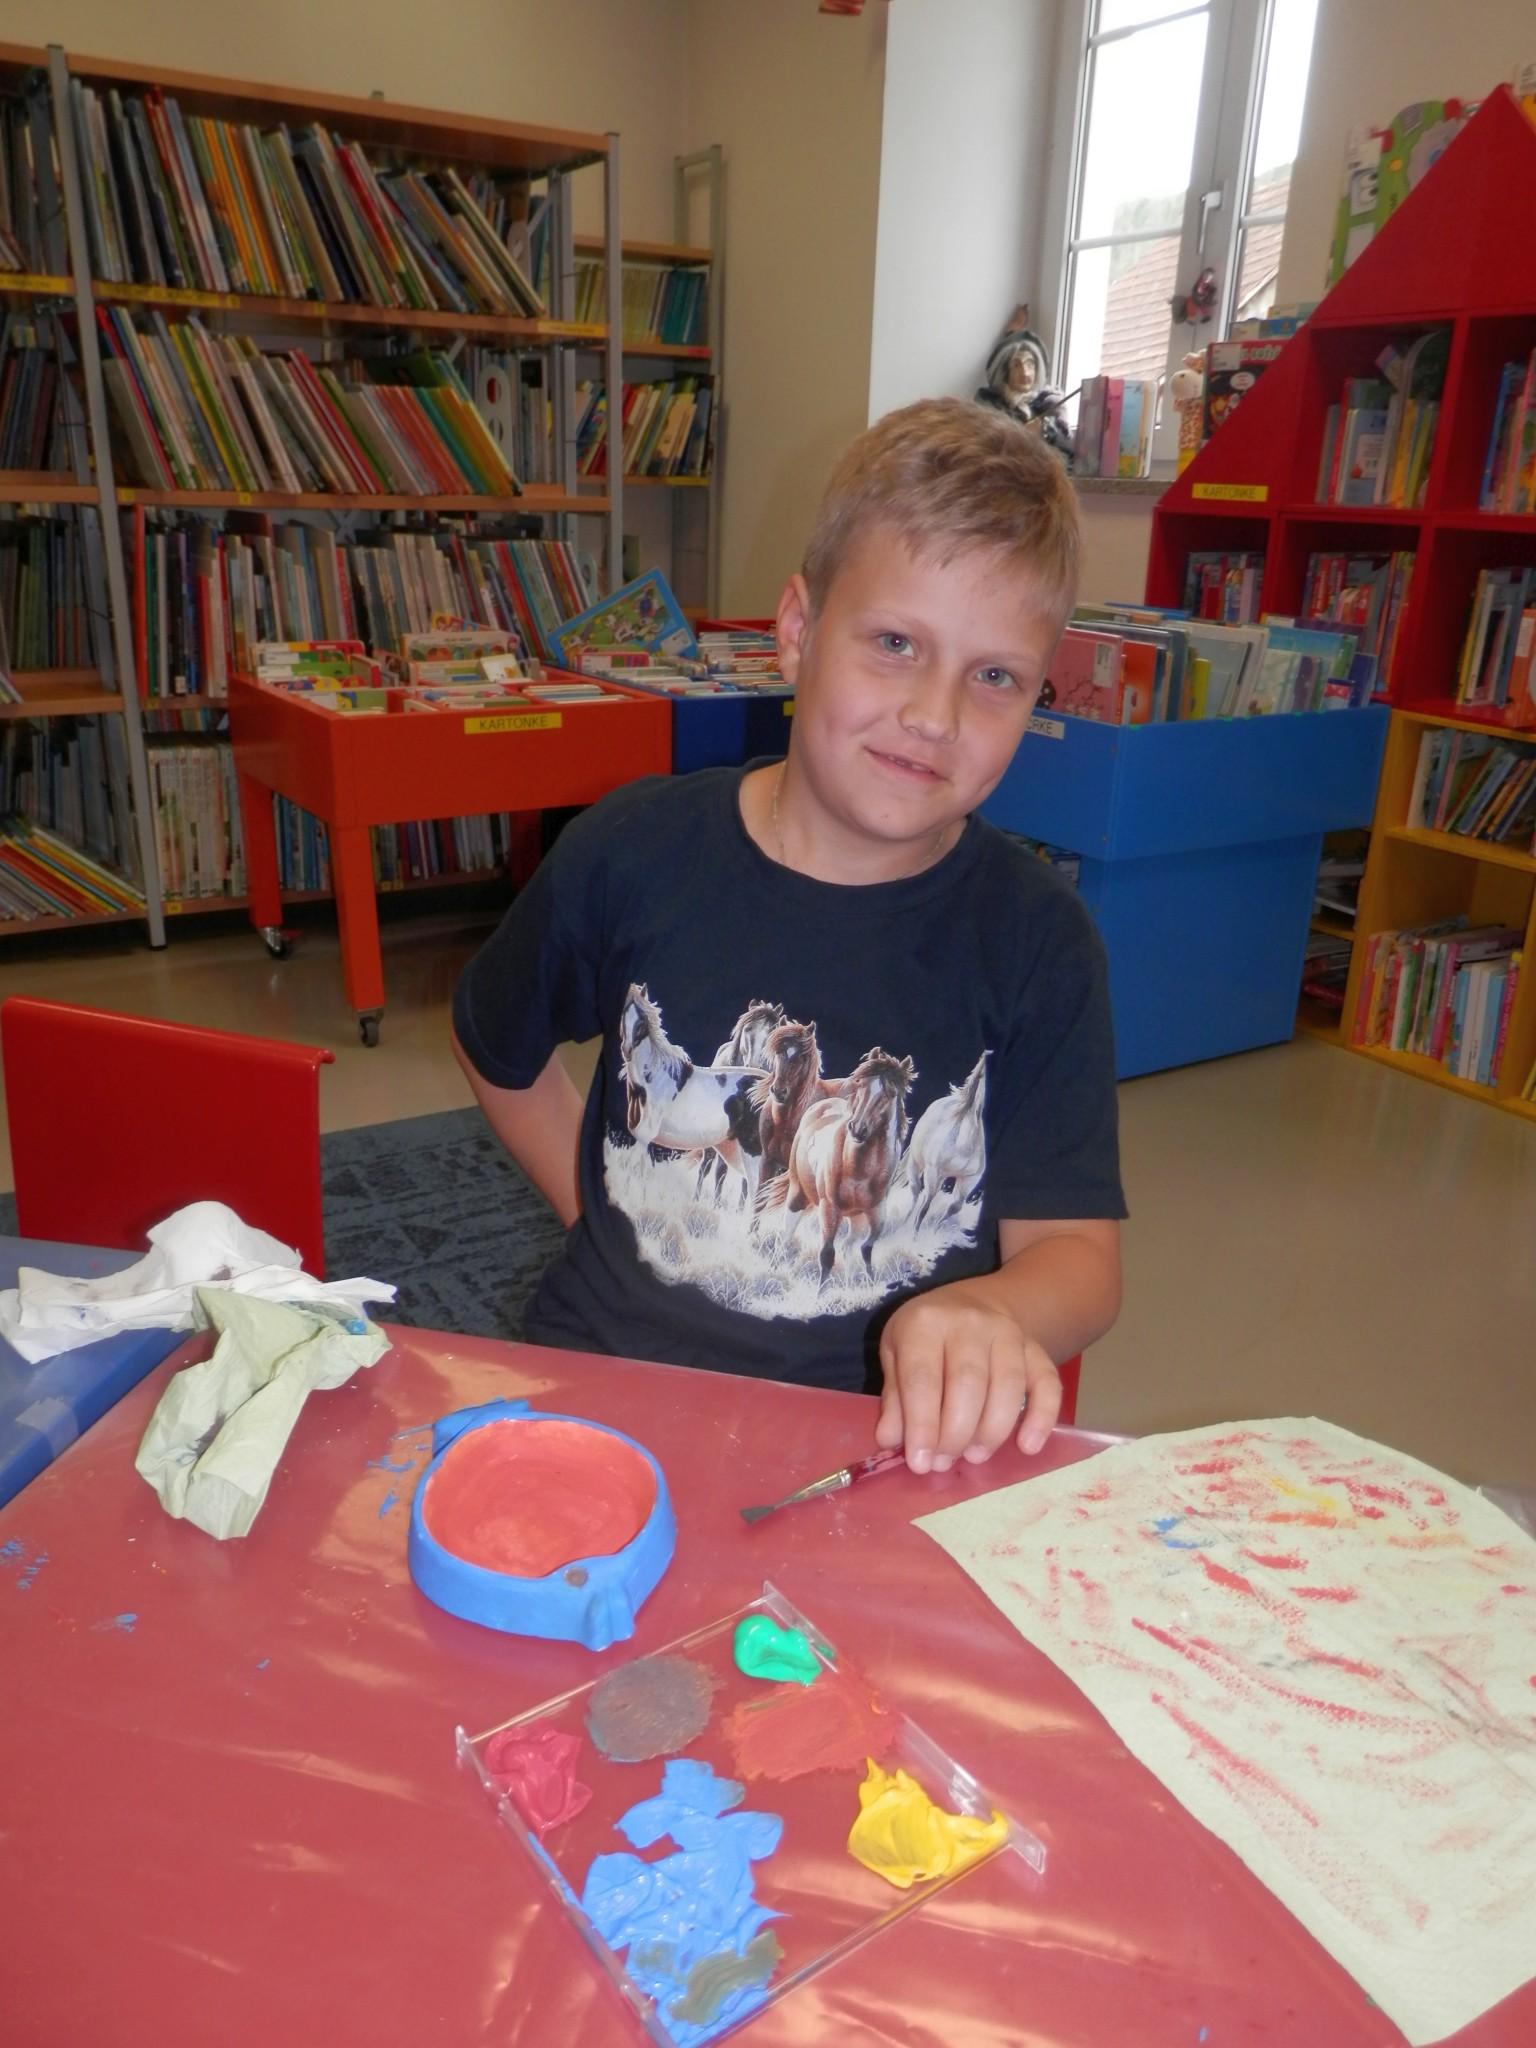 P6160172 - Pravljični rožnik - pravljična urica z ustvarjalno delavnico za otroke od 4. leta dalje